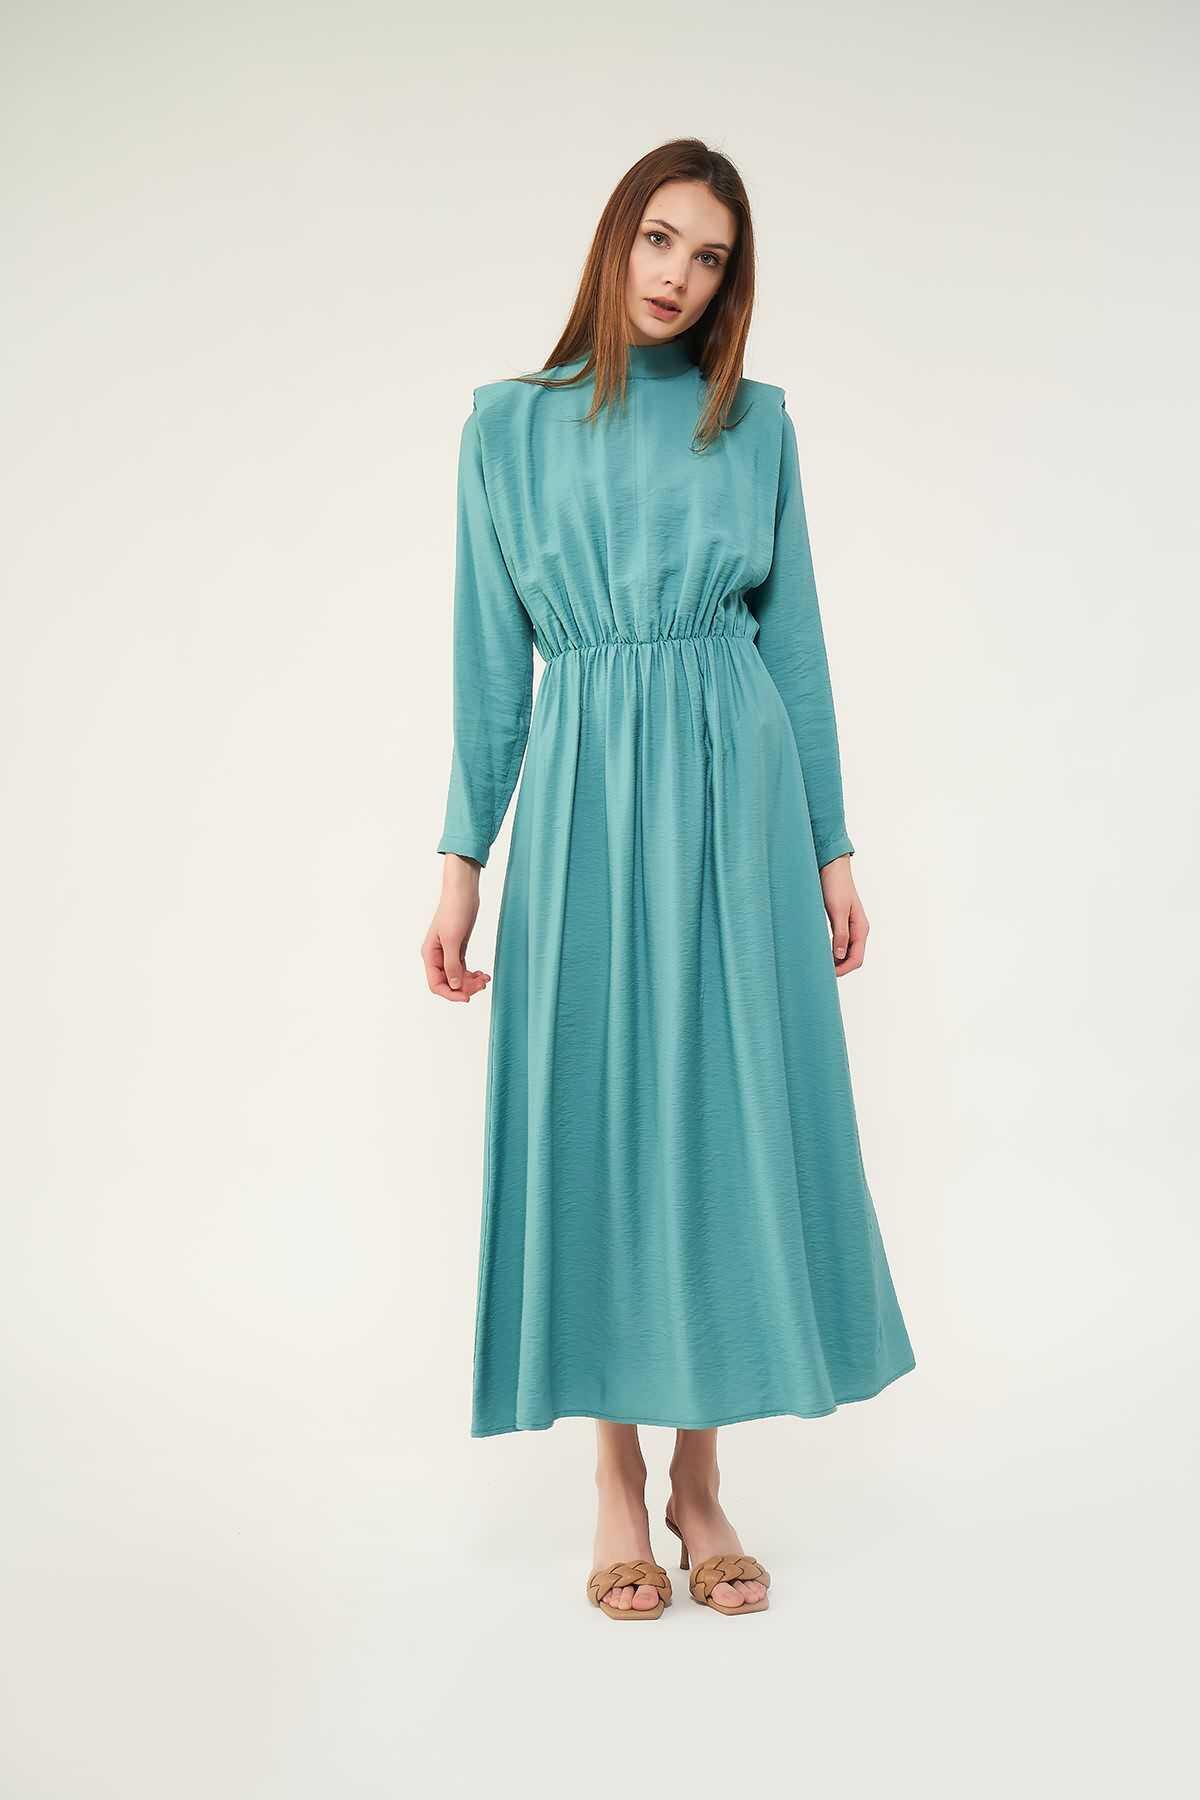 Mevra - Vatkalı Elbise Mint